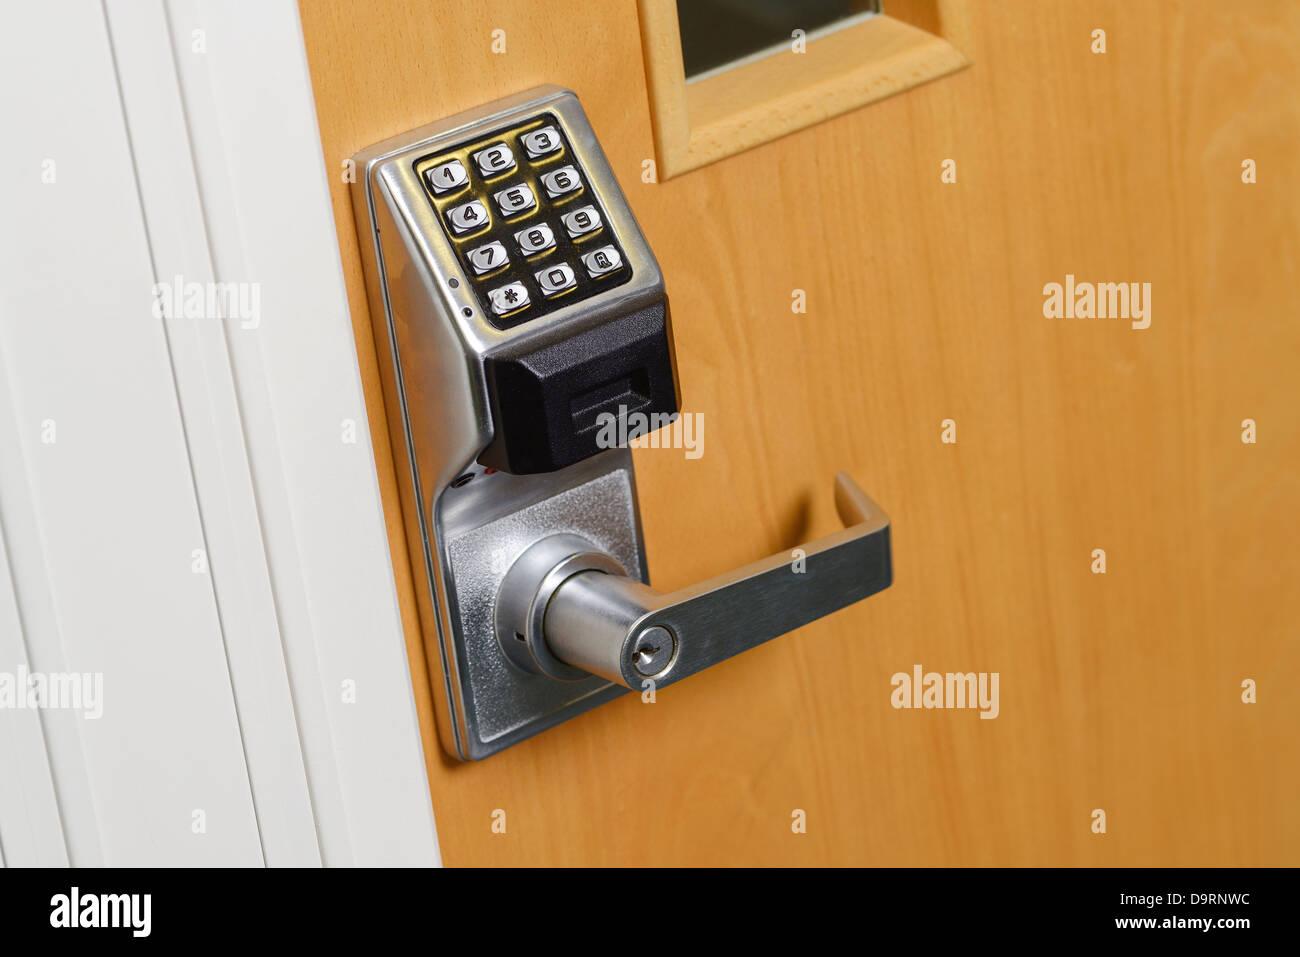 Clavier numérique de la poignée de porte de bureau Photo Stock